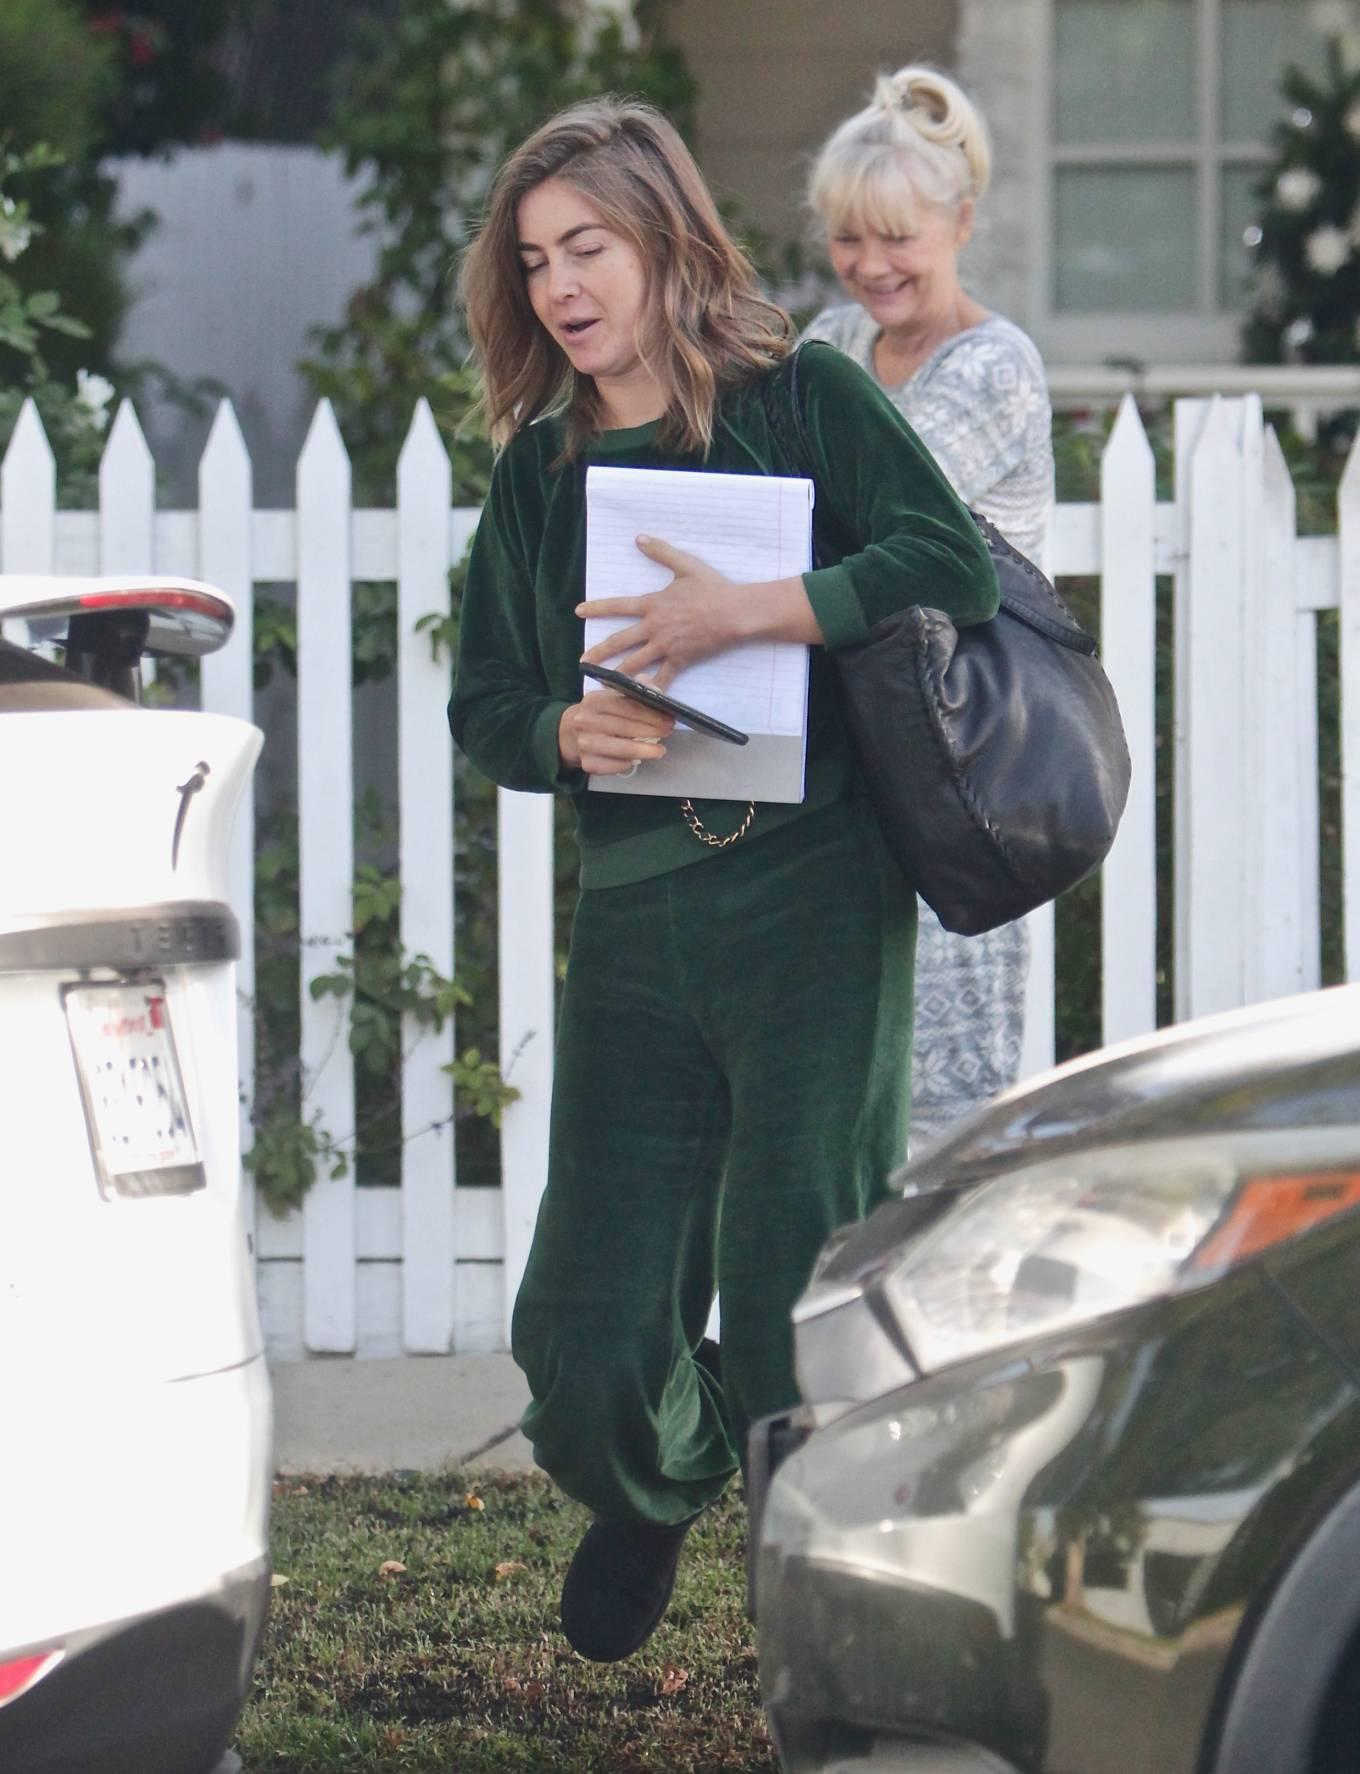 Julianne Hough 2020 : Julianne Hough – Seen leaving her mothers house in Studio City -03